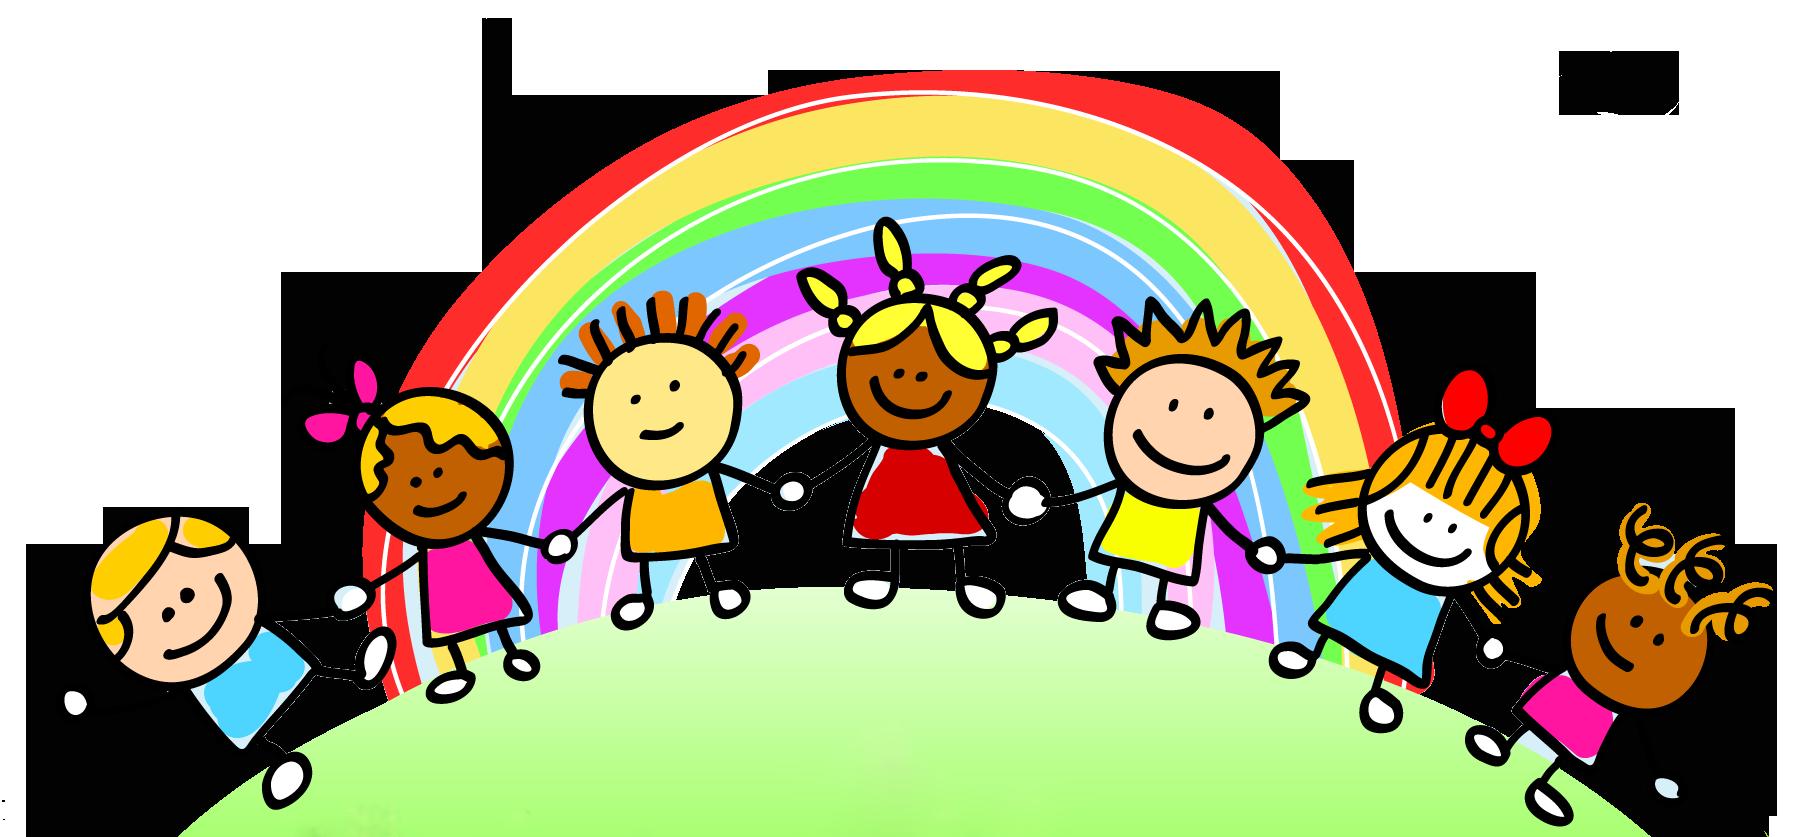 Kindergarten clipart kindergarten child. Rainbow jokingart com children